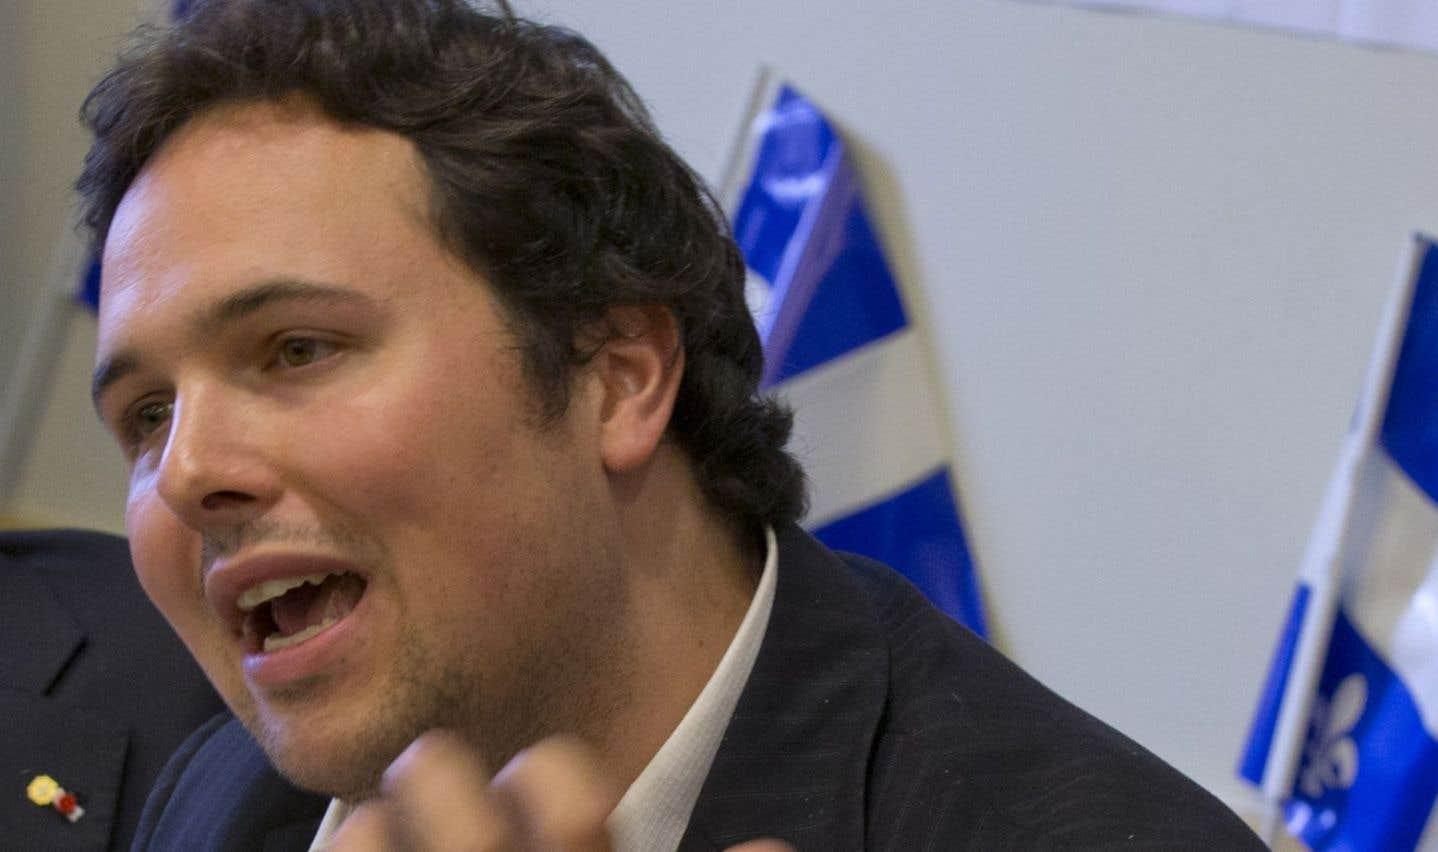 Selon le président général de la SSJBM, MeMaxime Laporte, le Procureur général du Québec, dans sa défense, affaiblit la portée de la loi 99, notamment en arguant qu'elle n'est essentiellement qu'une affirmation solennelle.